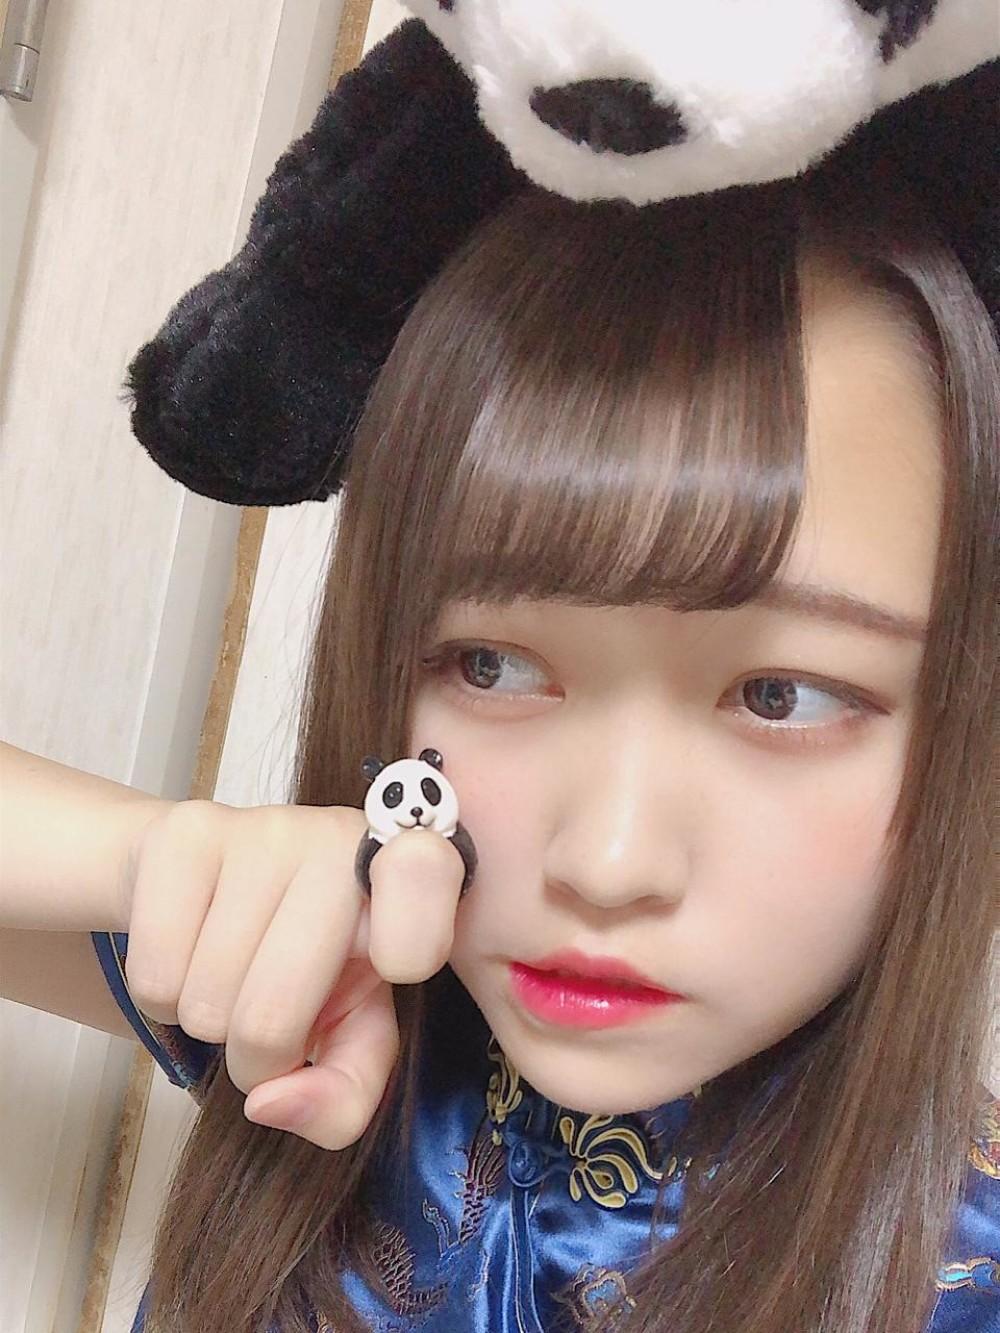 ほのか@でんぱ組虹コンオーディション(でんぱ組虹コンオーディション )